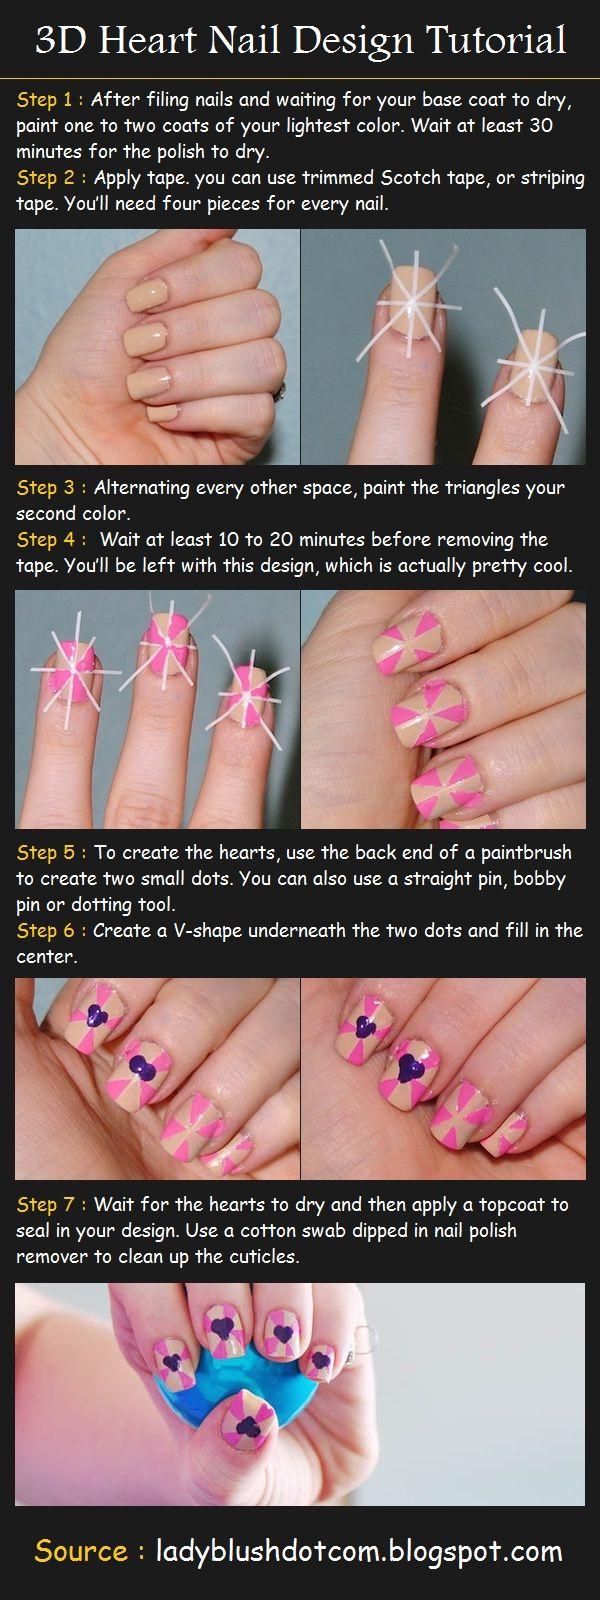 38 Interesting Nail Art Tutorials Heart Nail Designs Nail Art Diy Nail Designs Tutorial